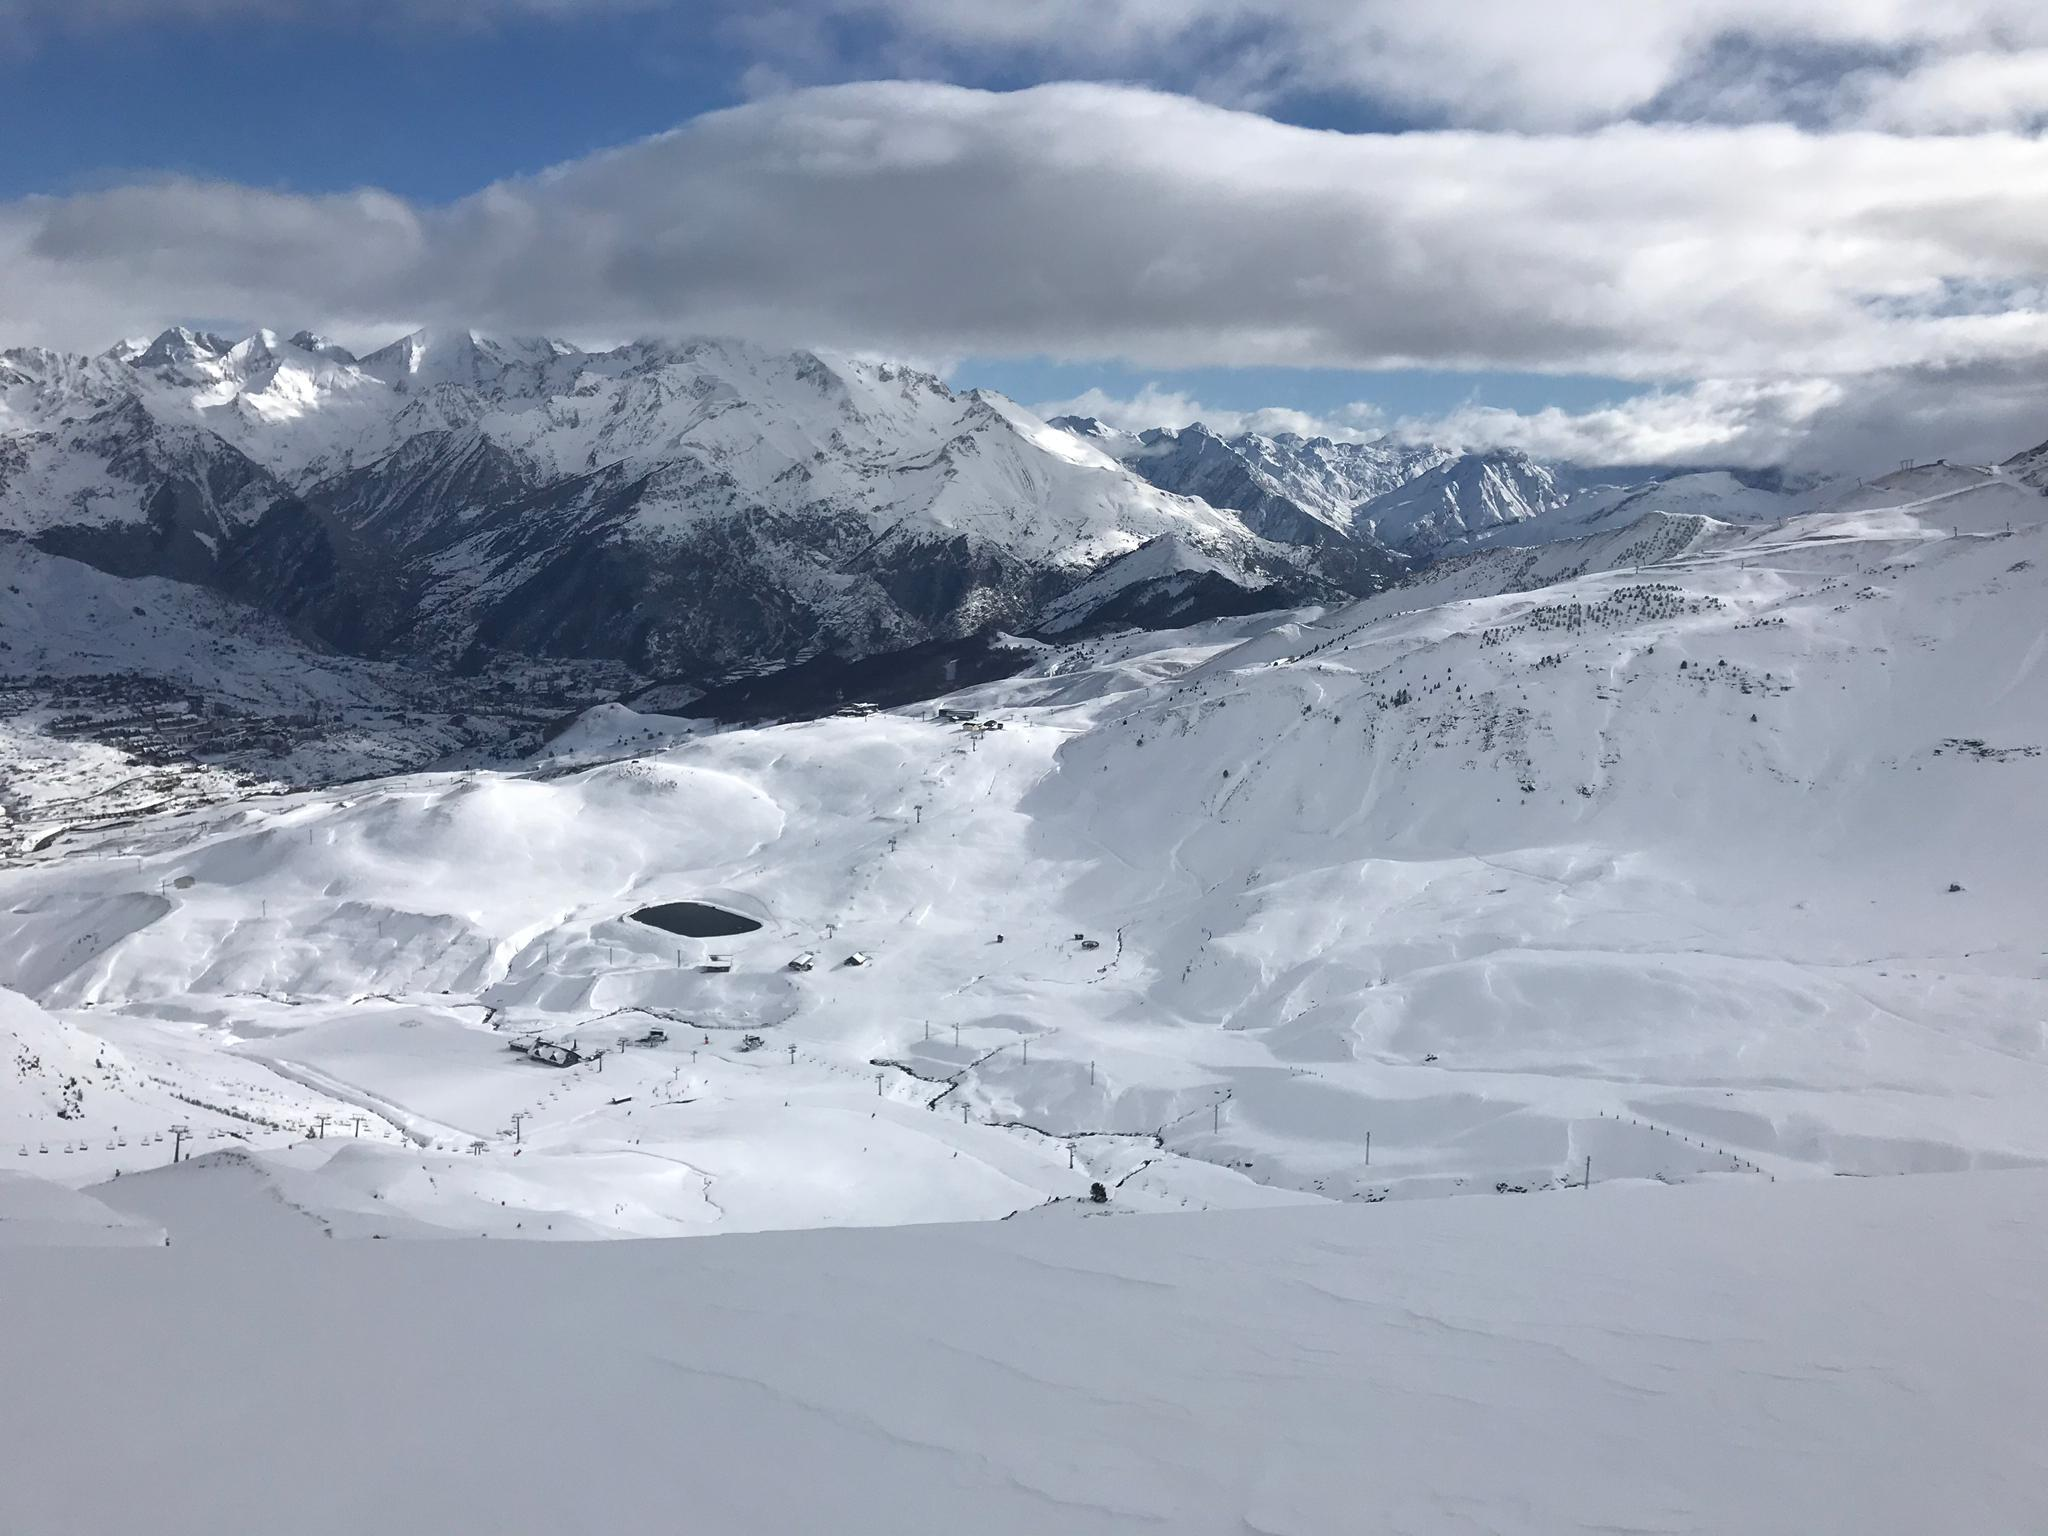 ¡Abrimos Formigal-Panticosa! ¡Ven a inaugurar la temporada de esquí!